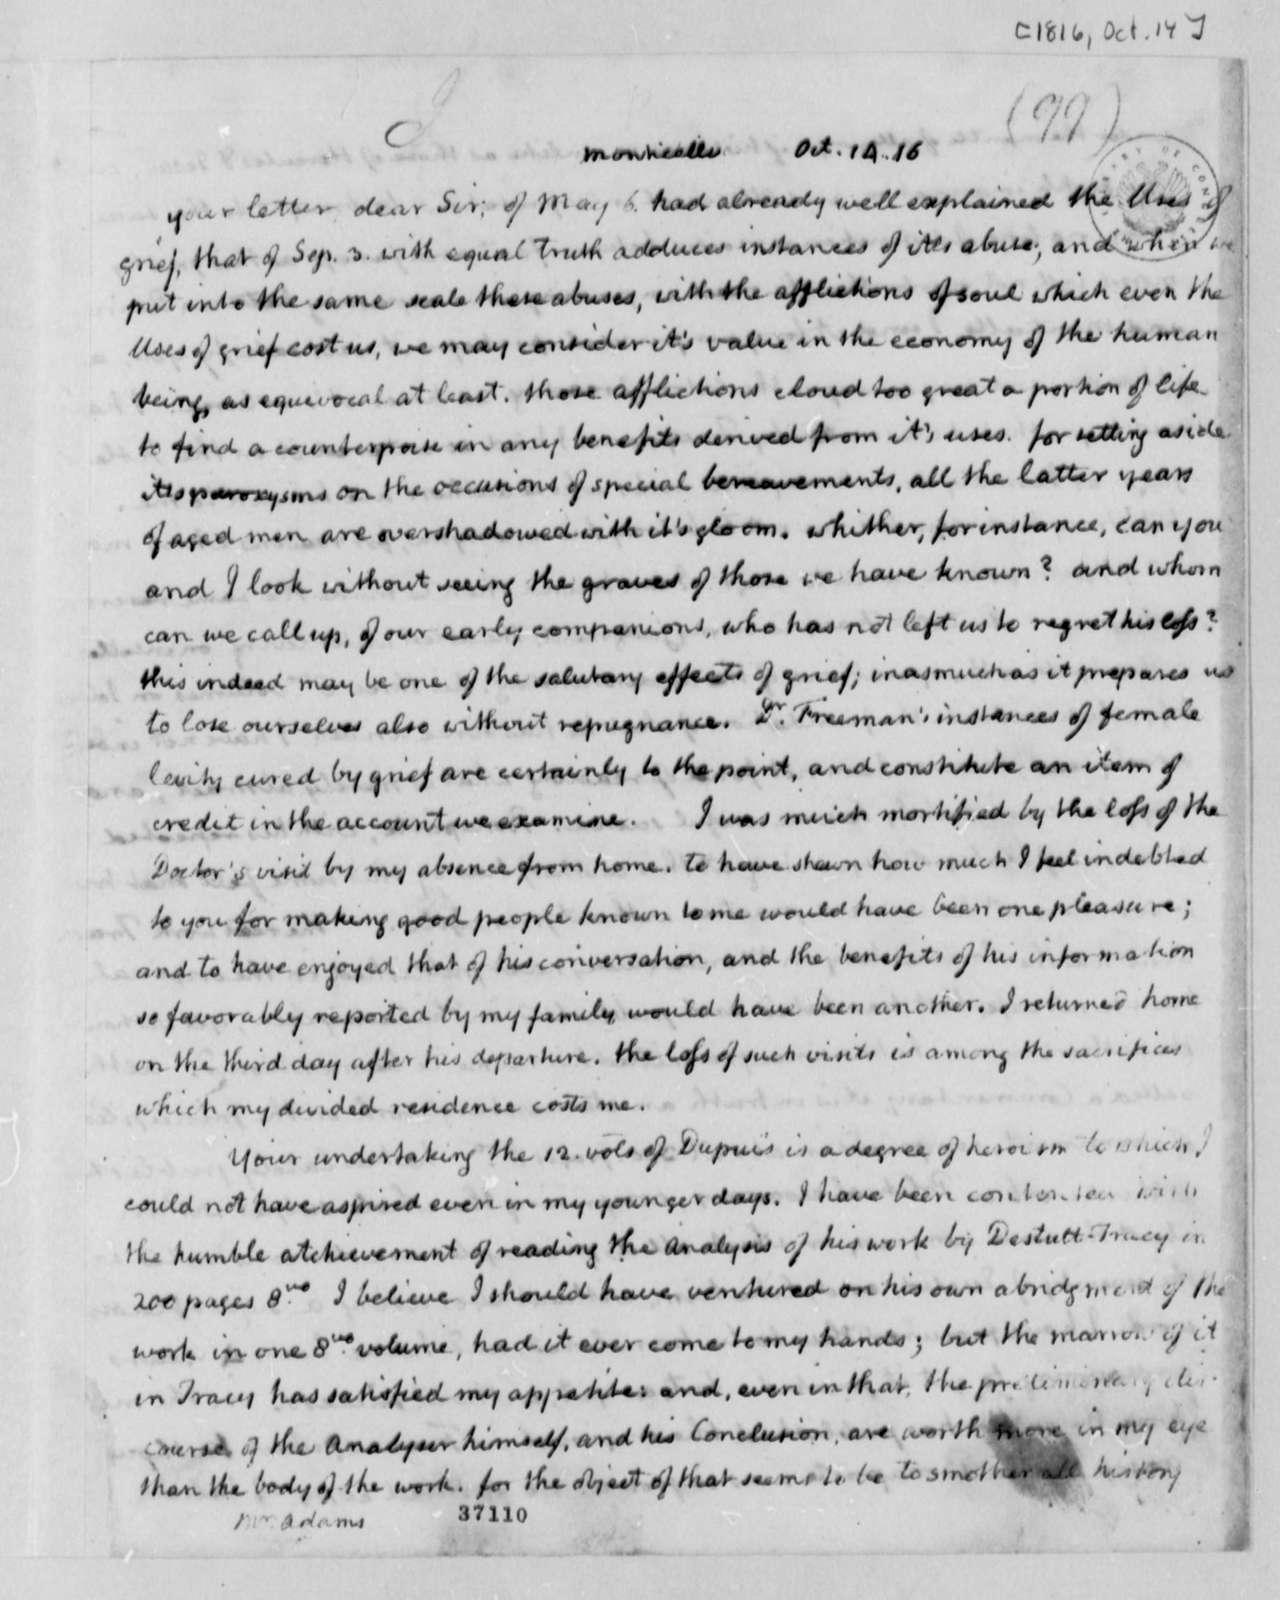 Thomas Jefferson to John Adams, October 14, 1816